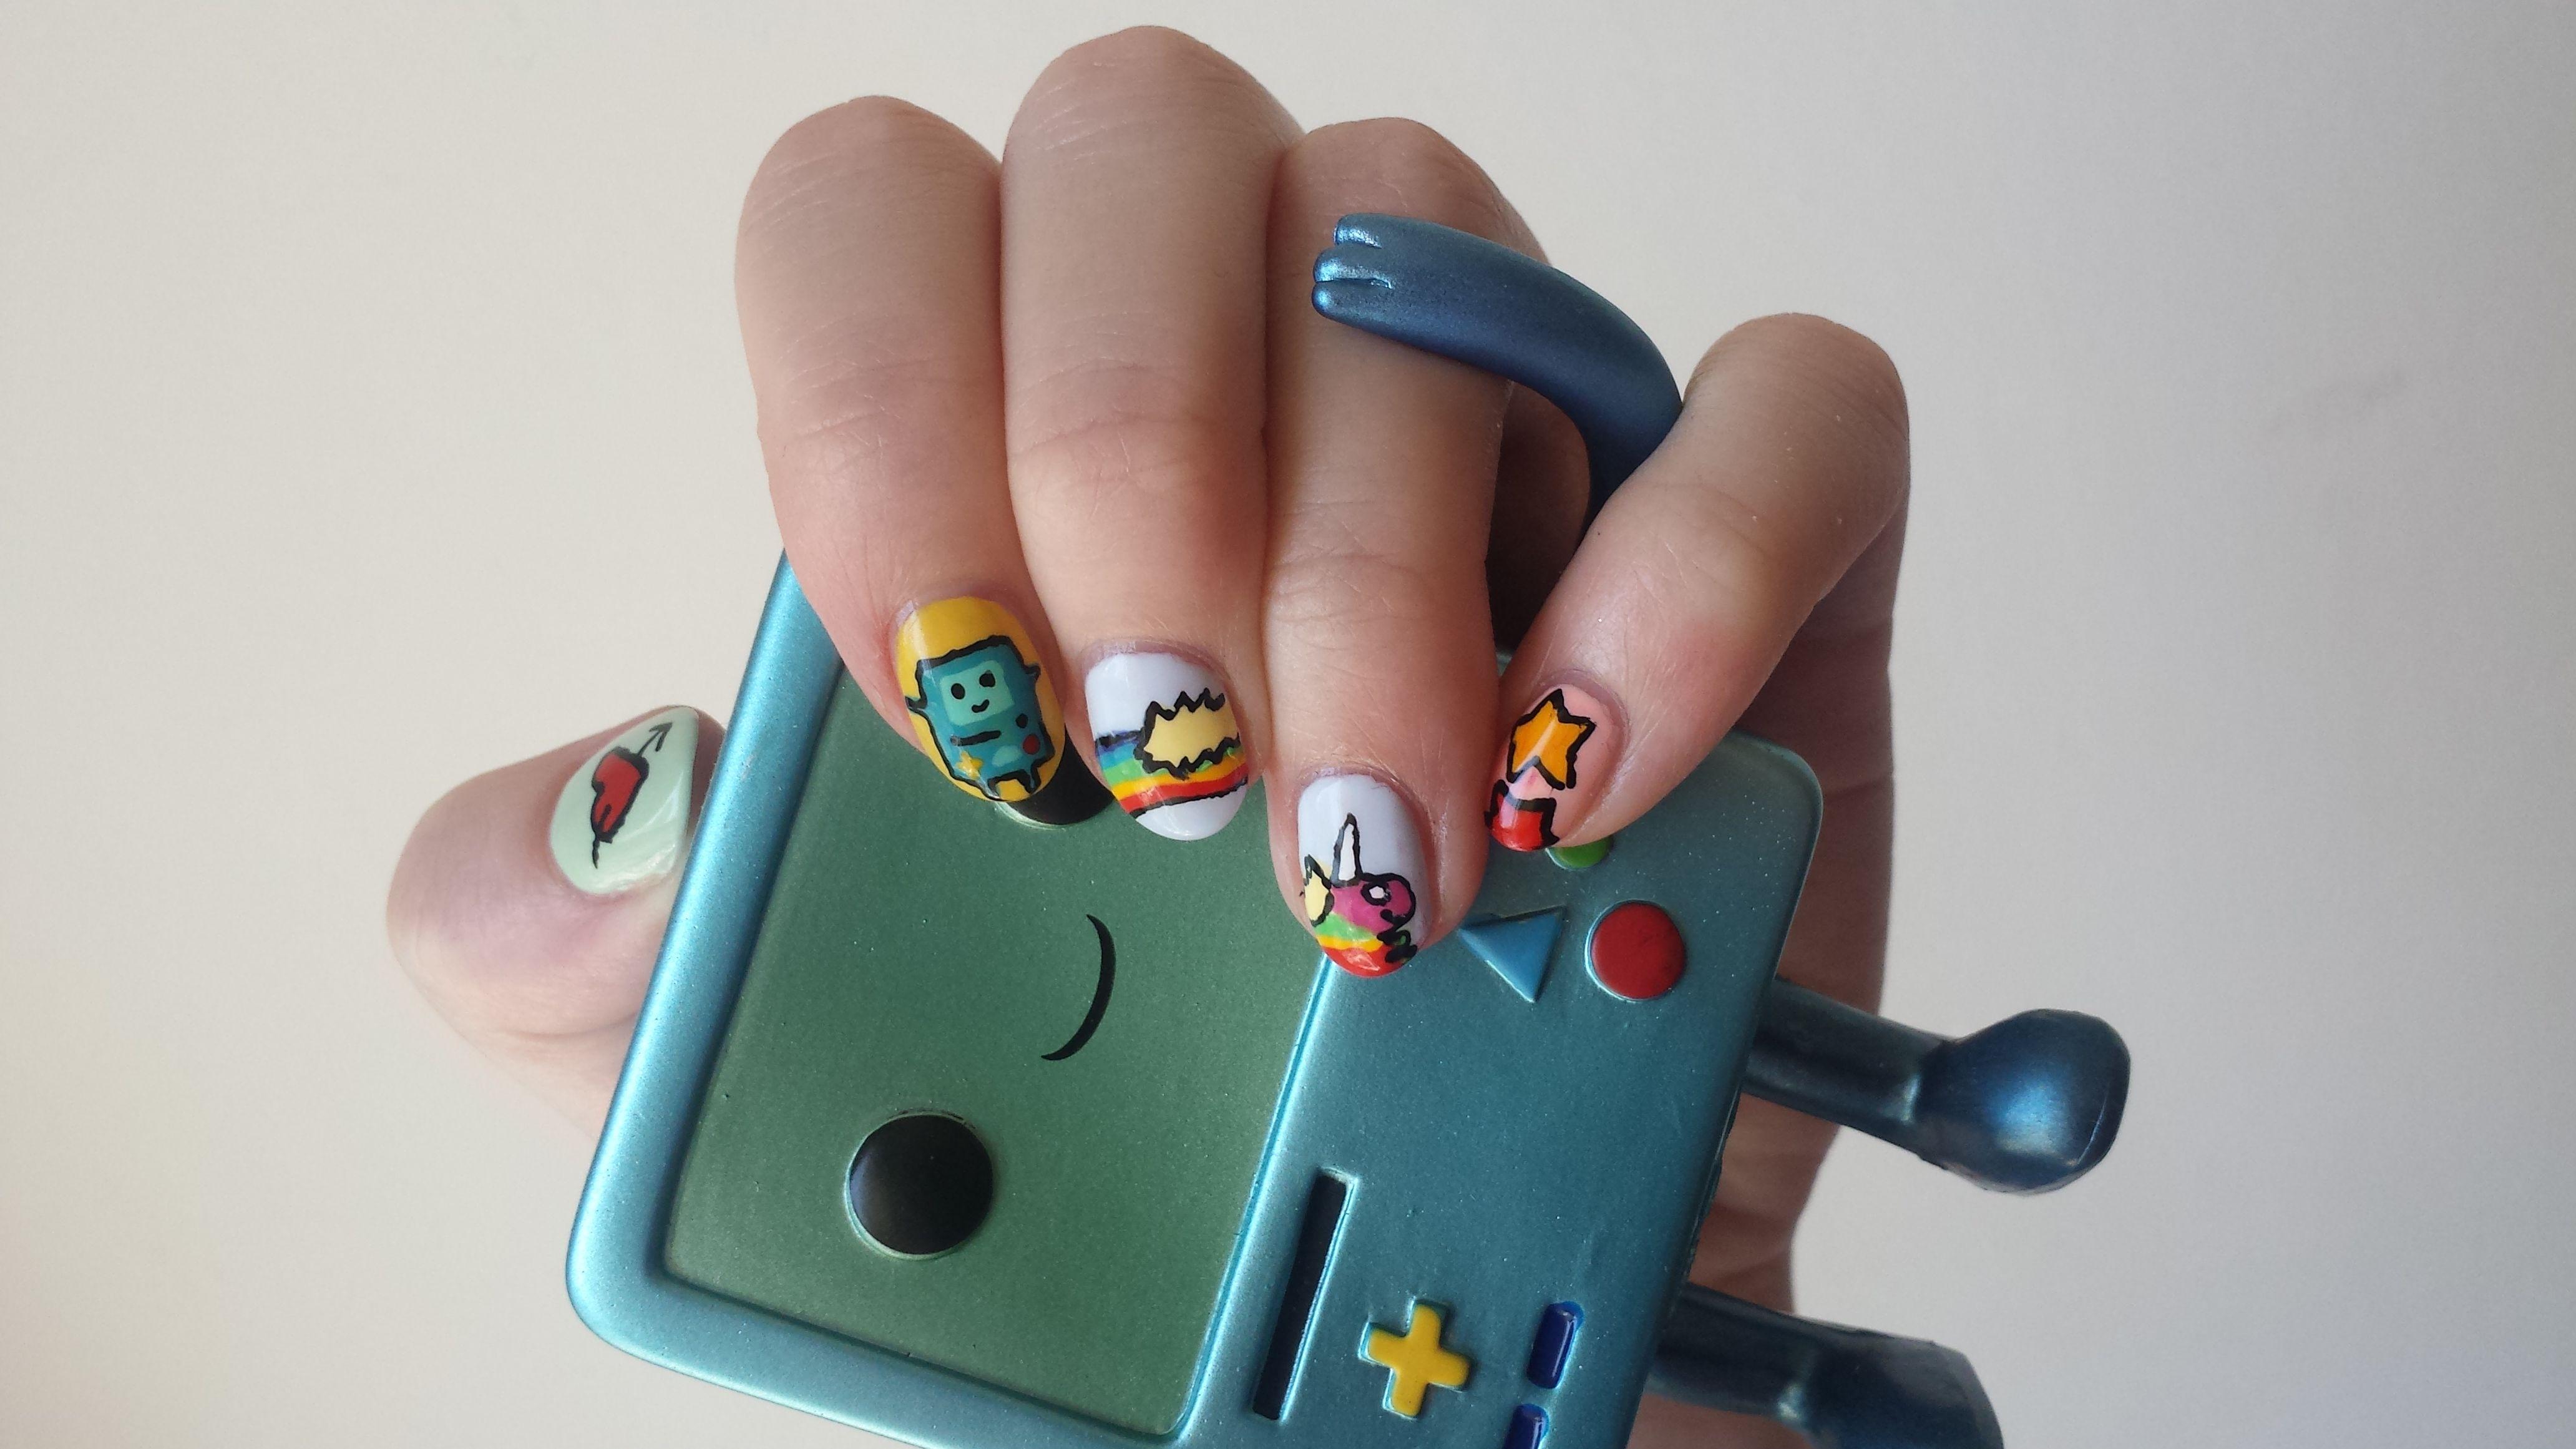 adventure time nail art by SHE NAIL at brighton beauty salon powder ...